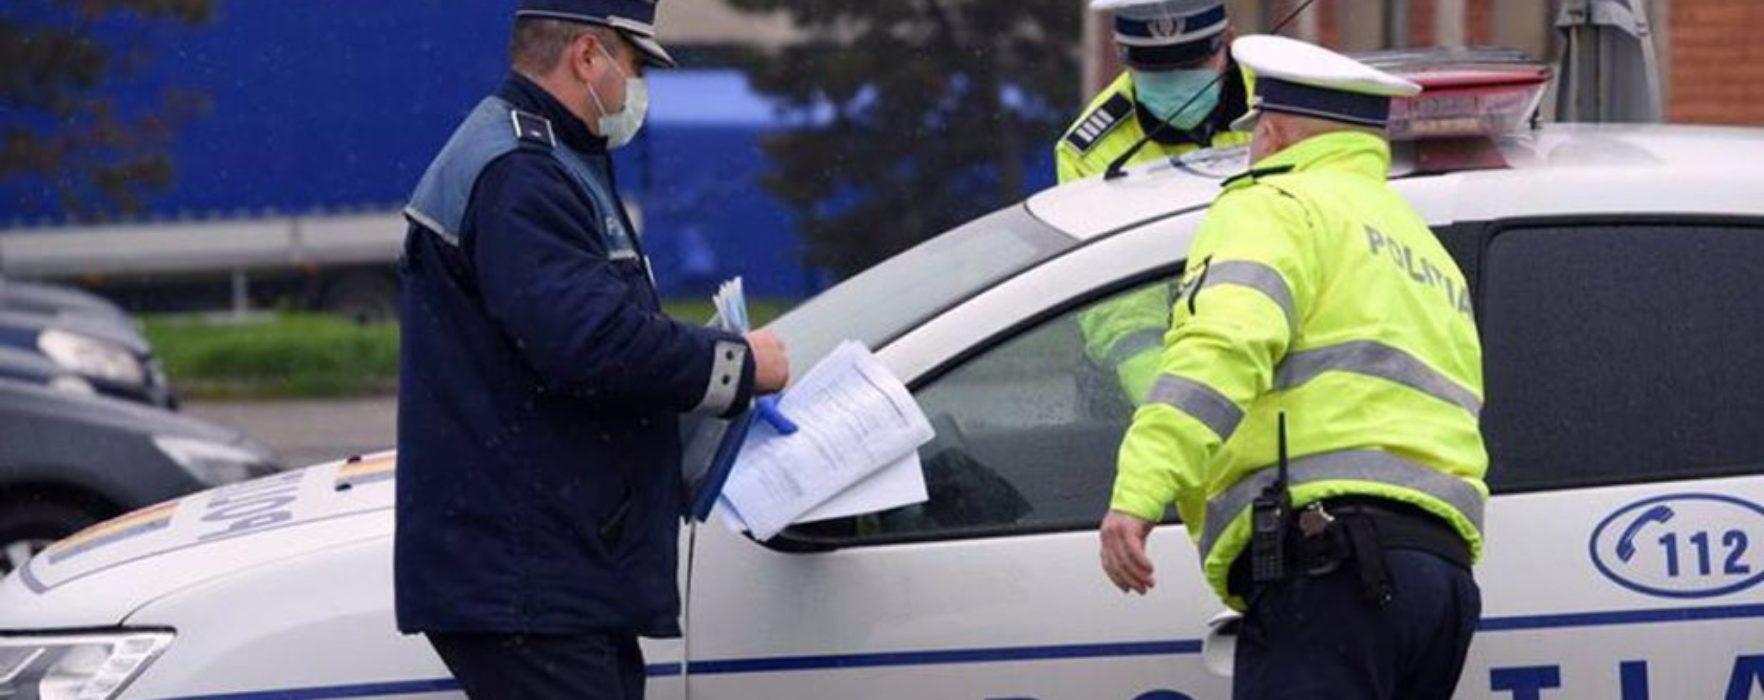 Dâmboviţa: 221 de amenzi pentru cei care nu au respectat restricţiile de circulaţie